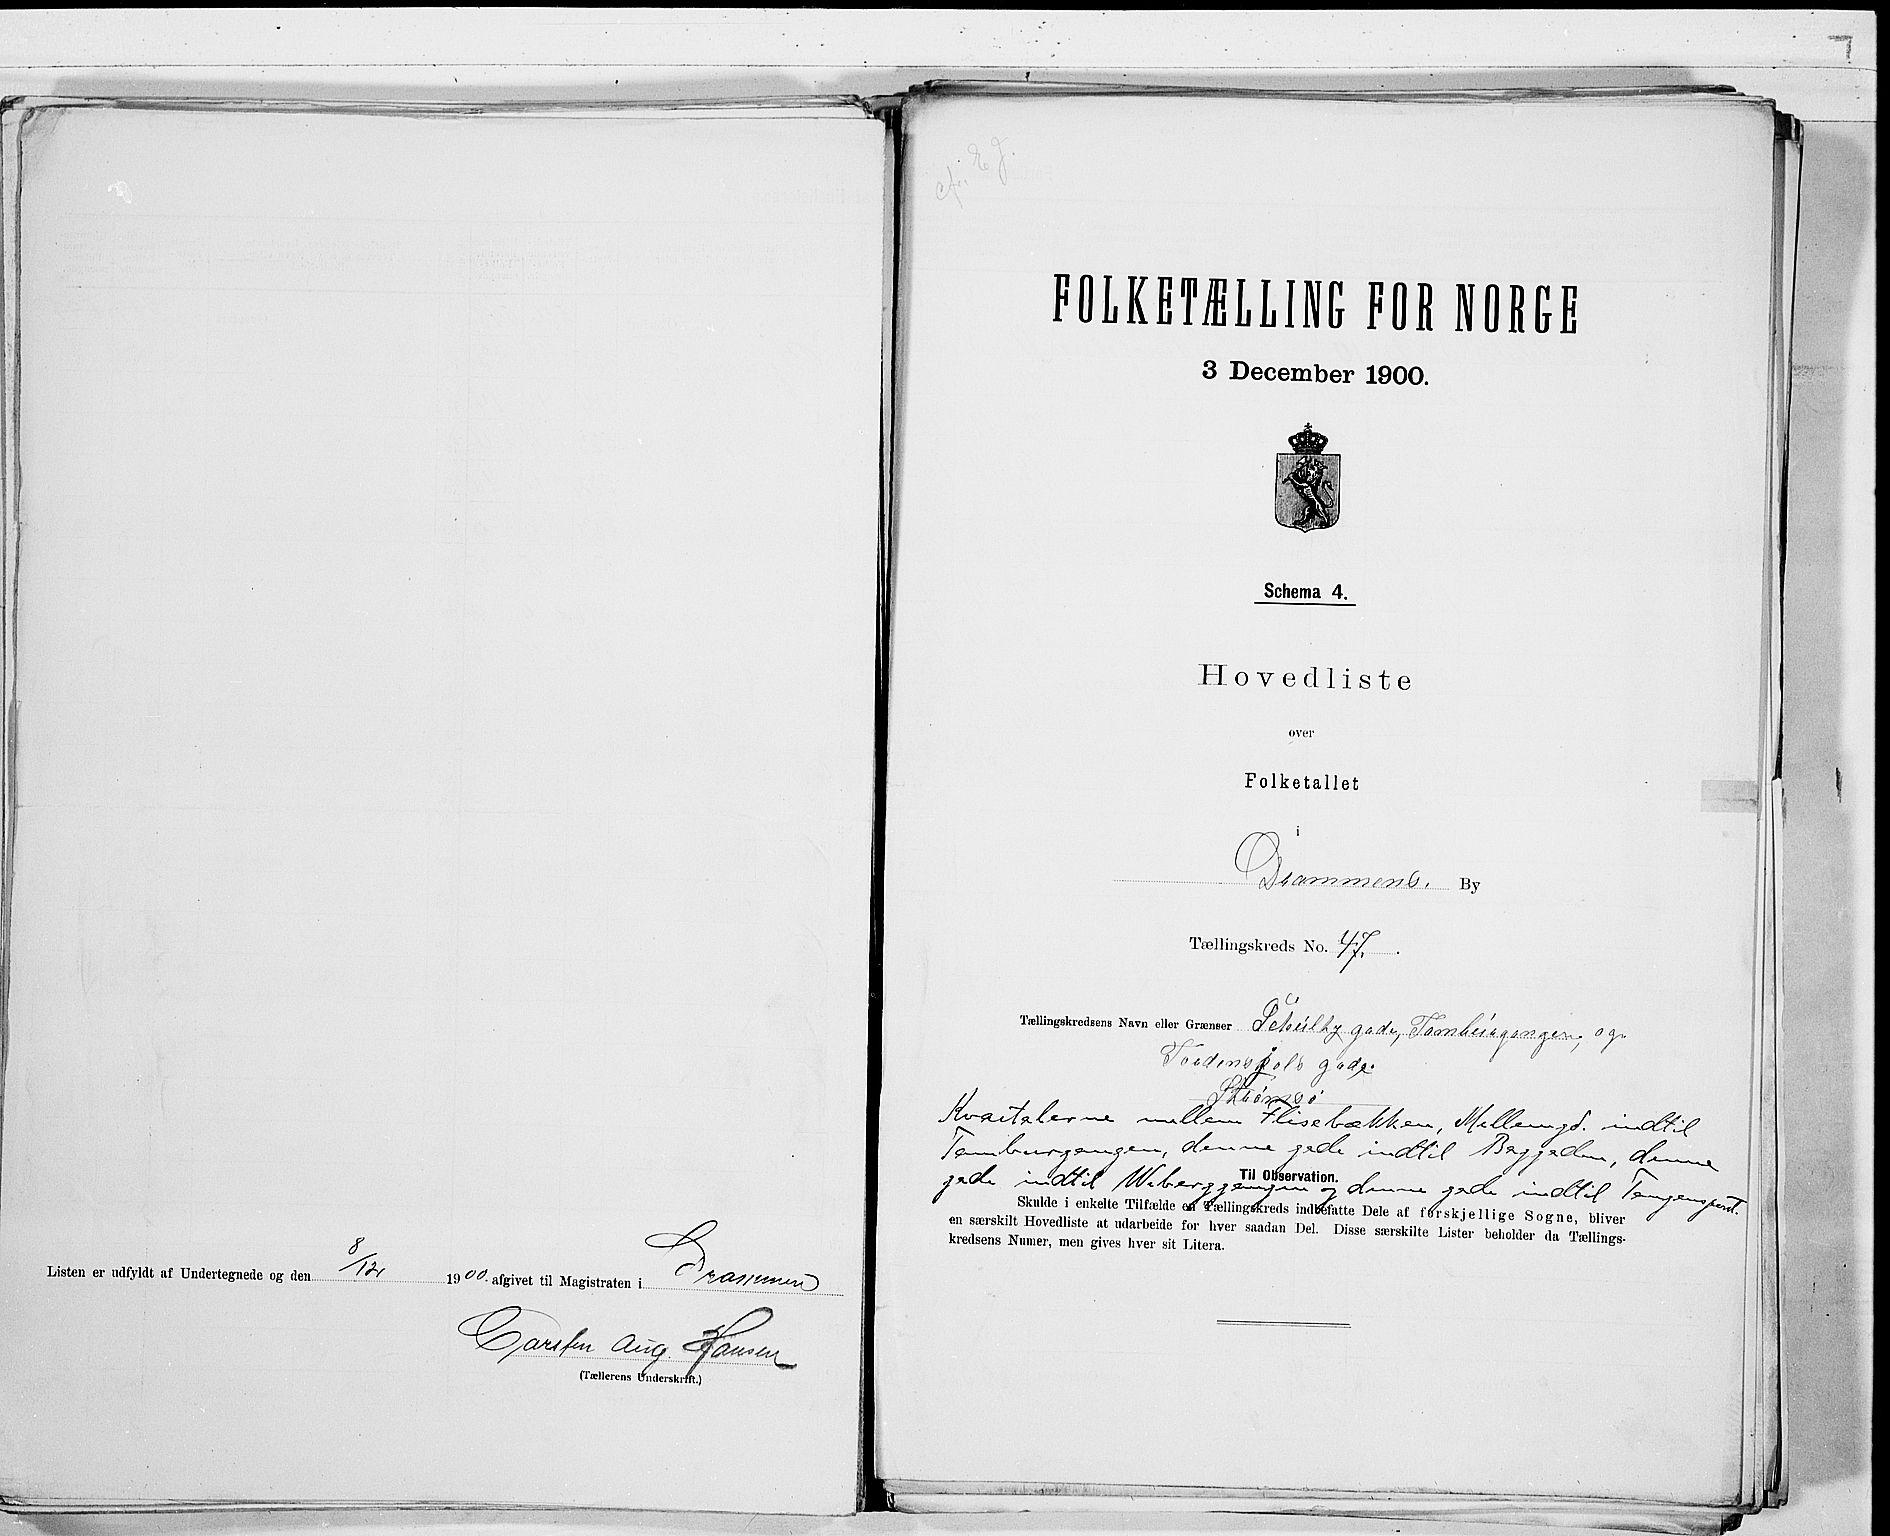 RA, Folketelling 1900 for 0602 Drammen kjøpstad, 1900, s. 99